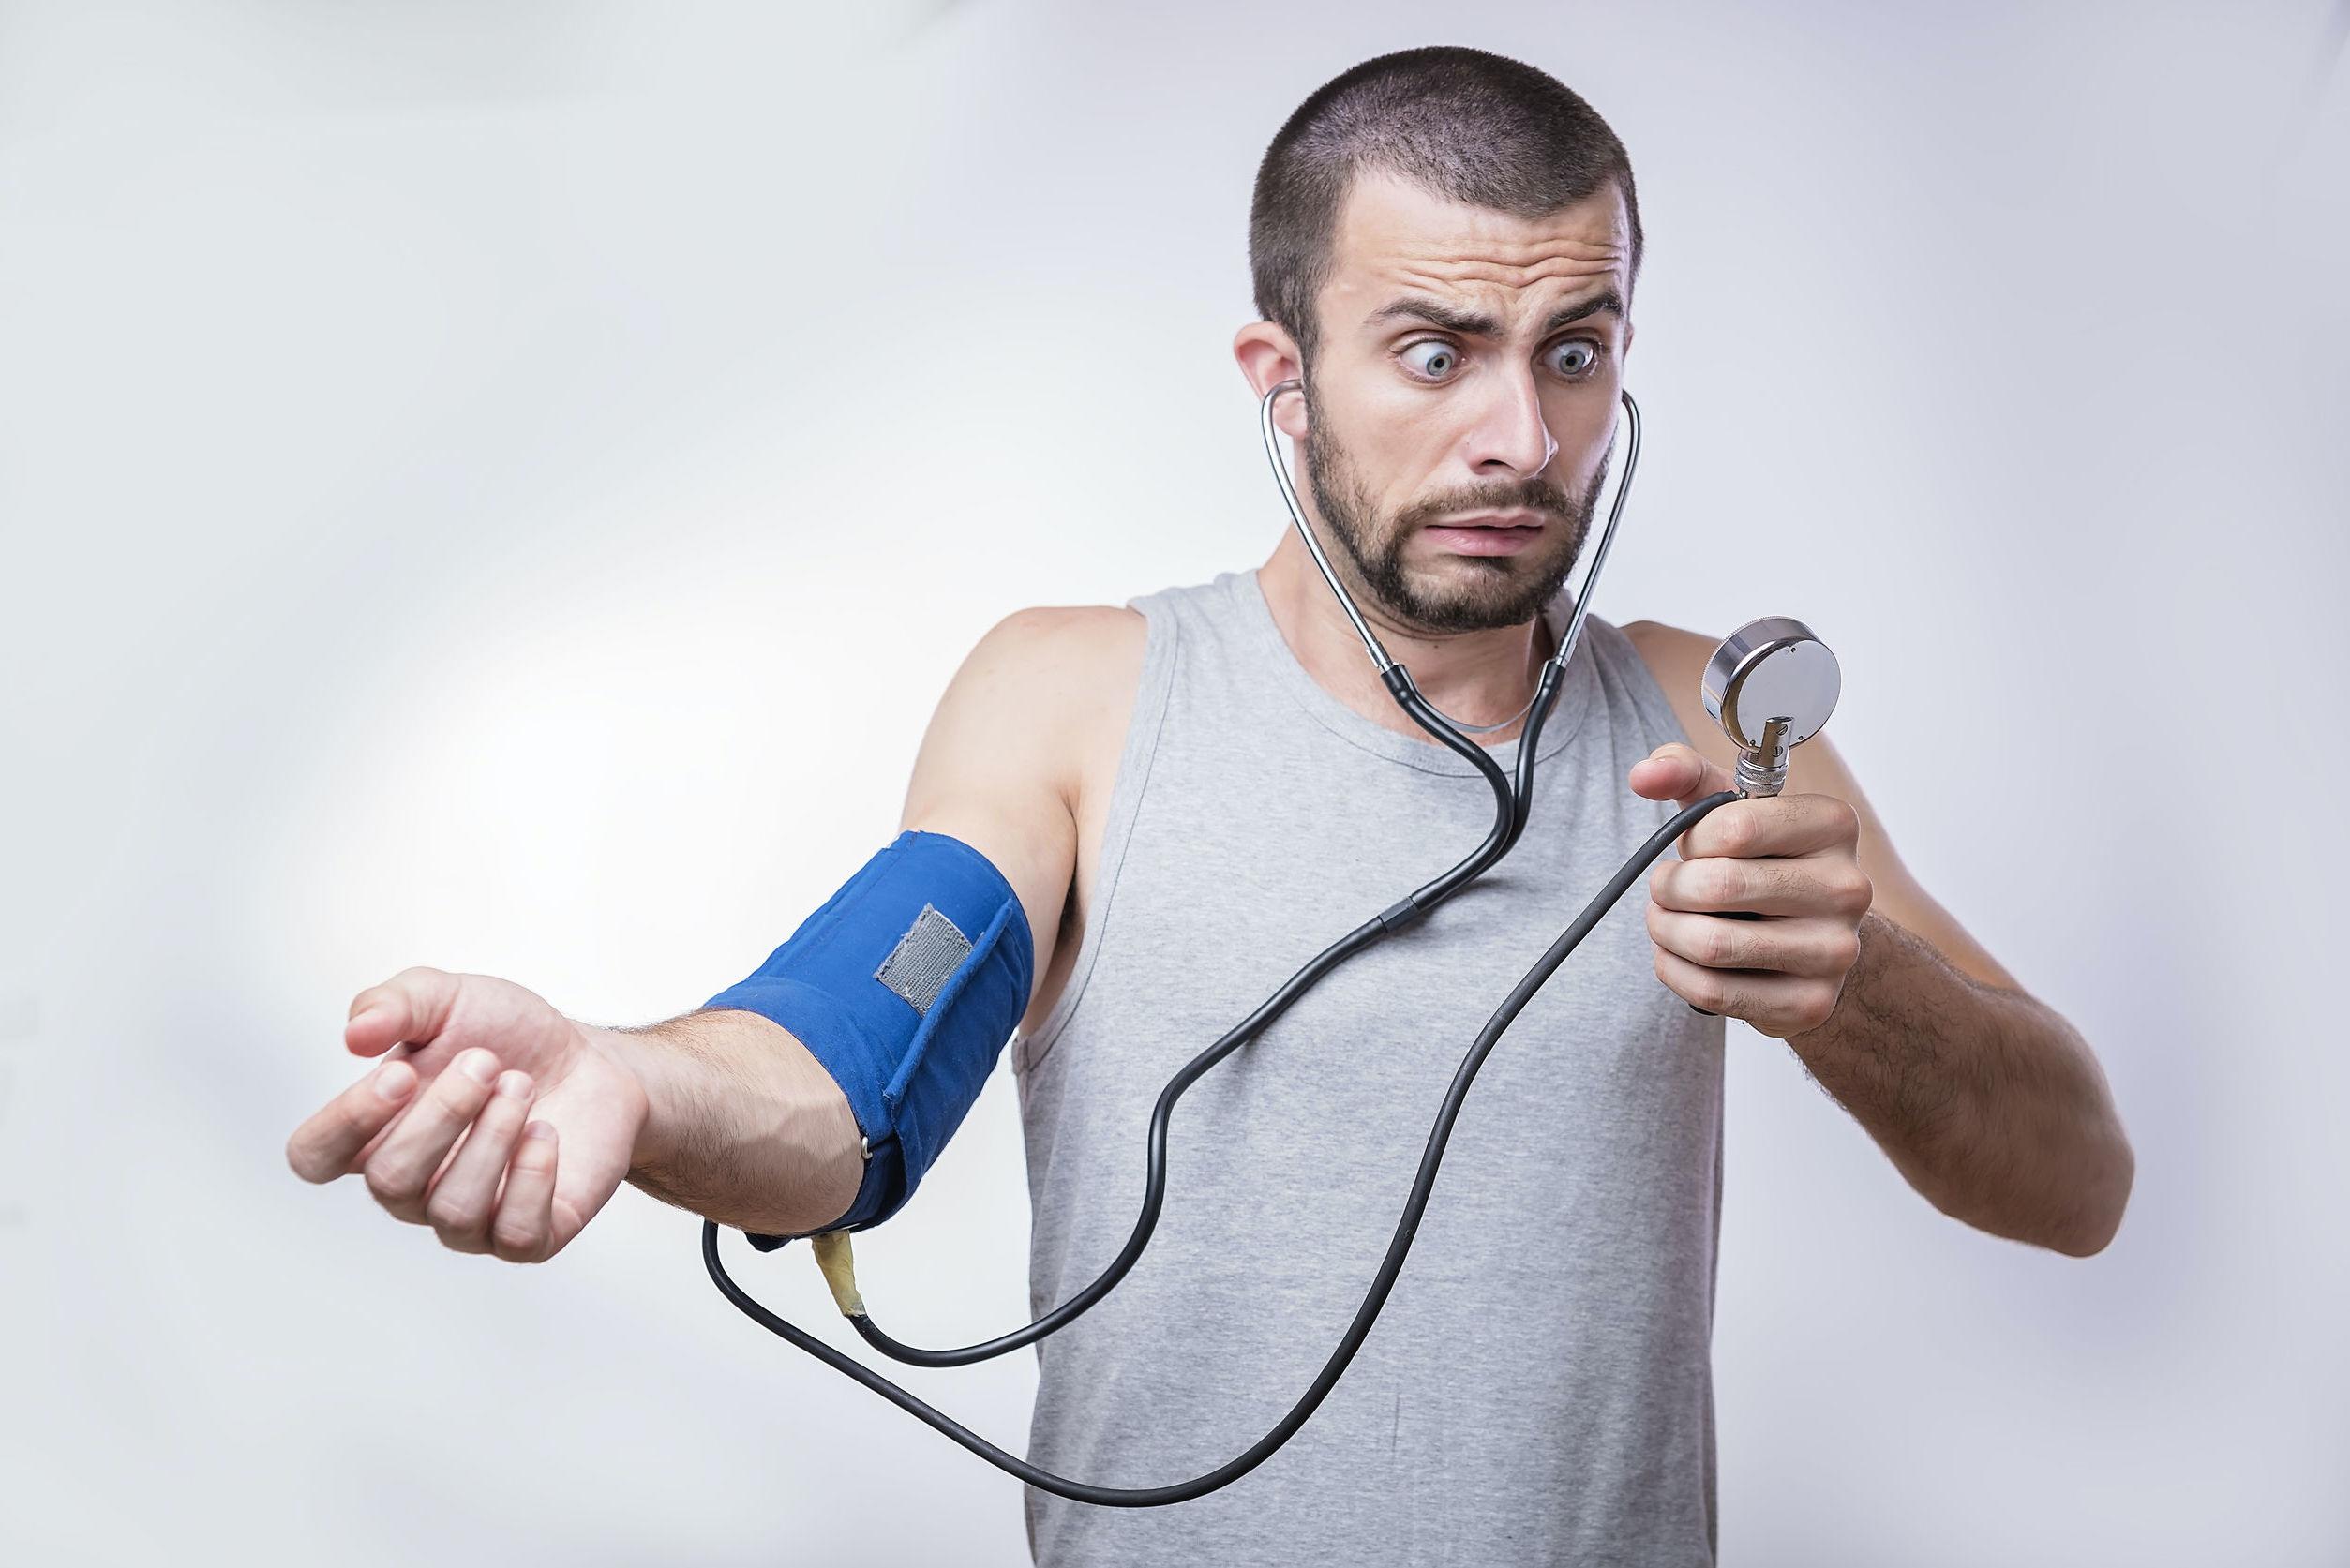 izom hipertónia vélemények azokról akik gyógyították a magas vérnyomást